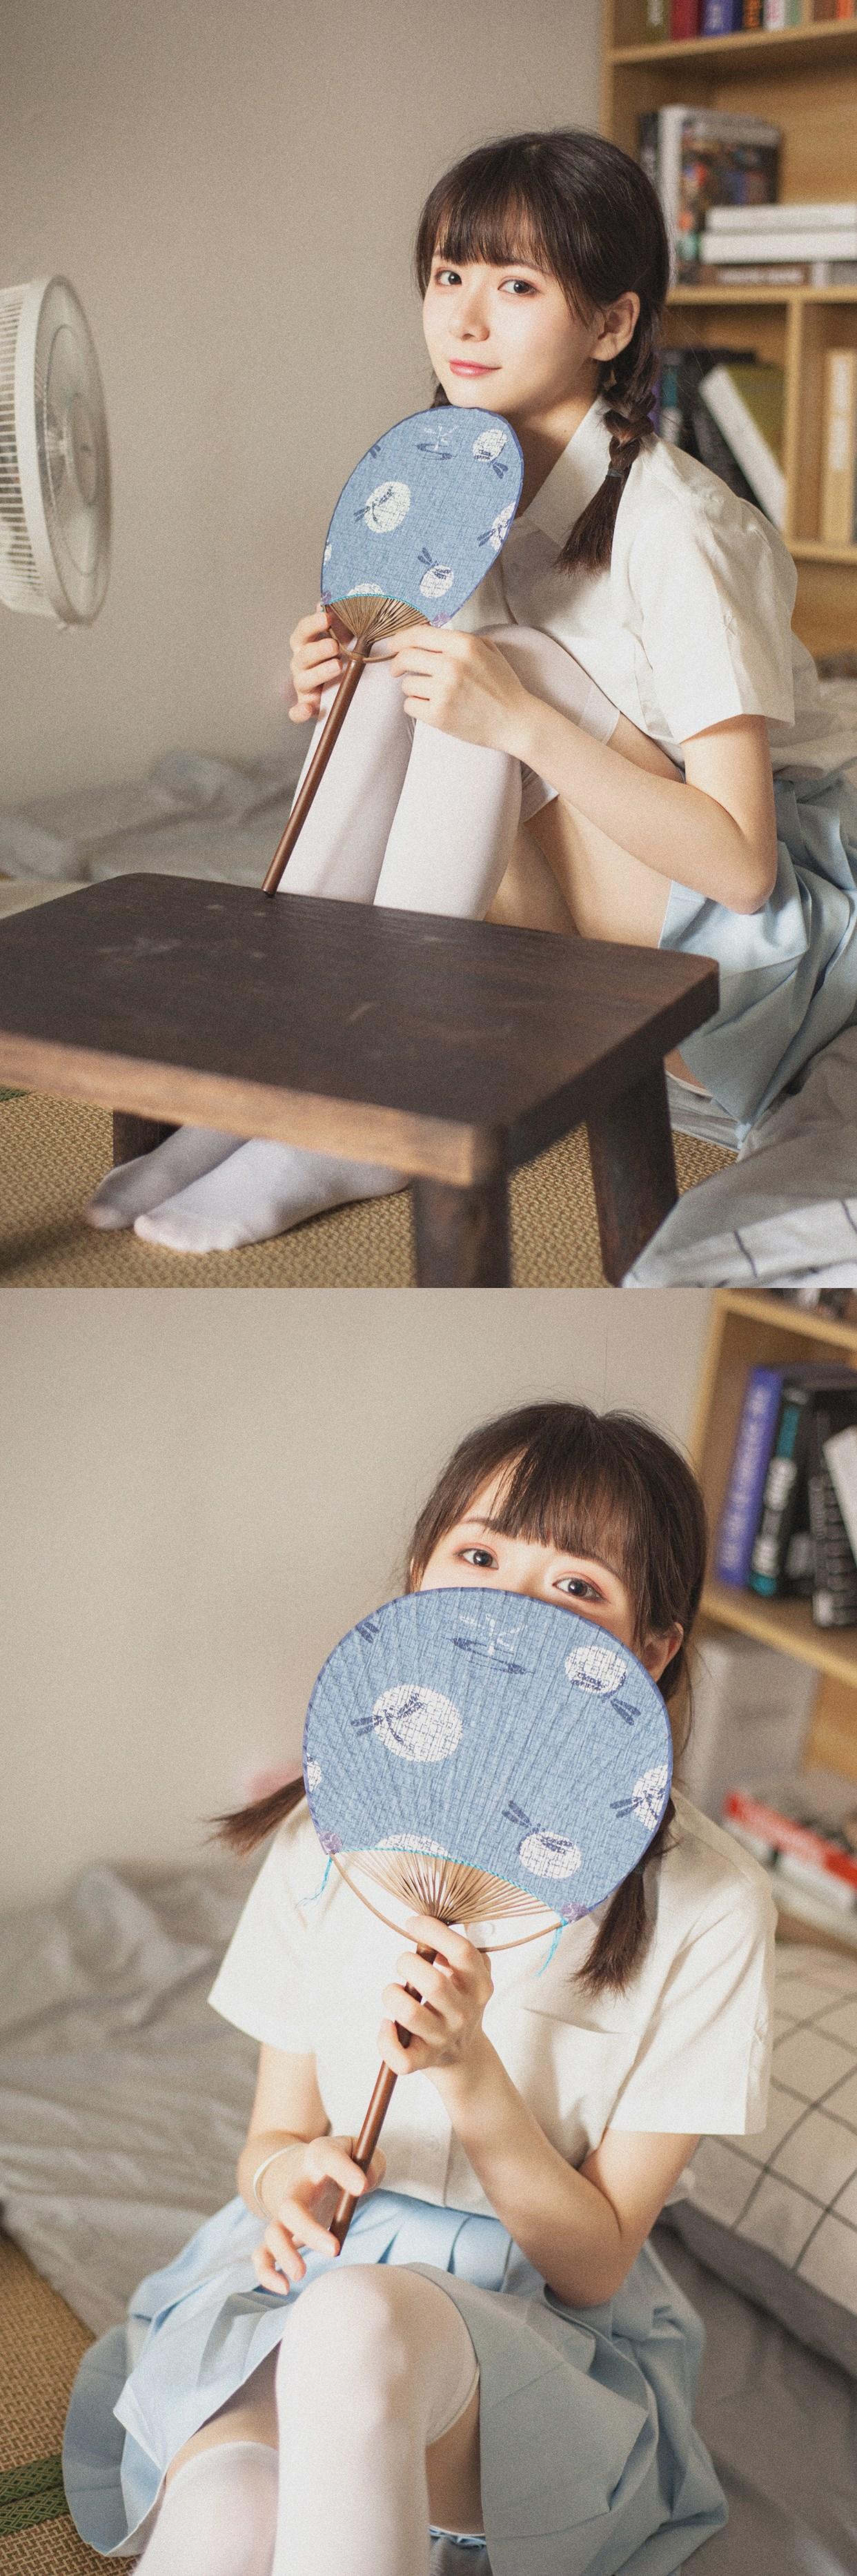 【兔玩映画】夏天的小裙子 兔玩映画 第40张